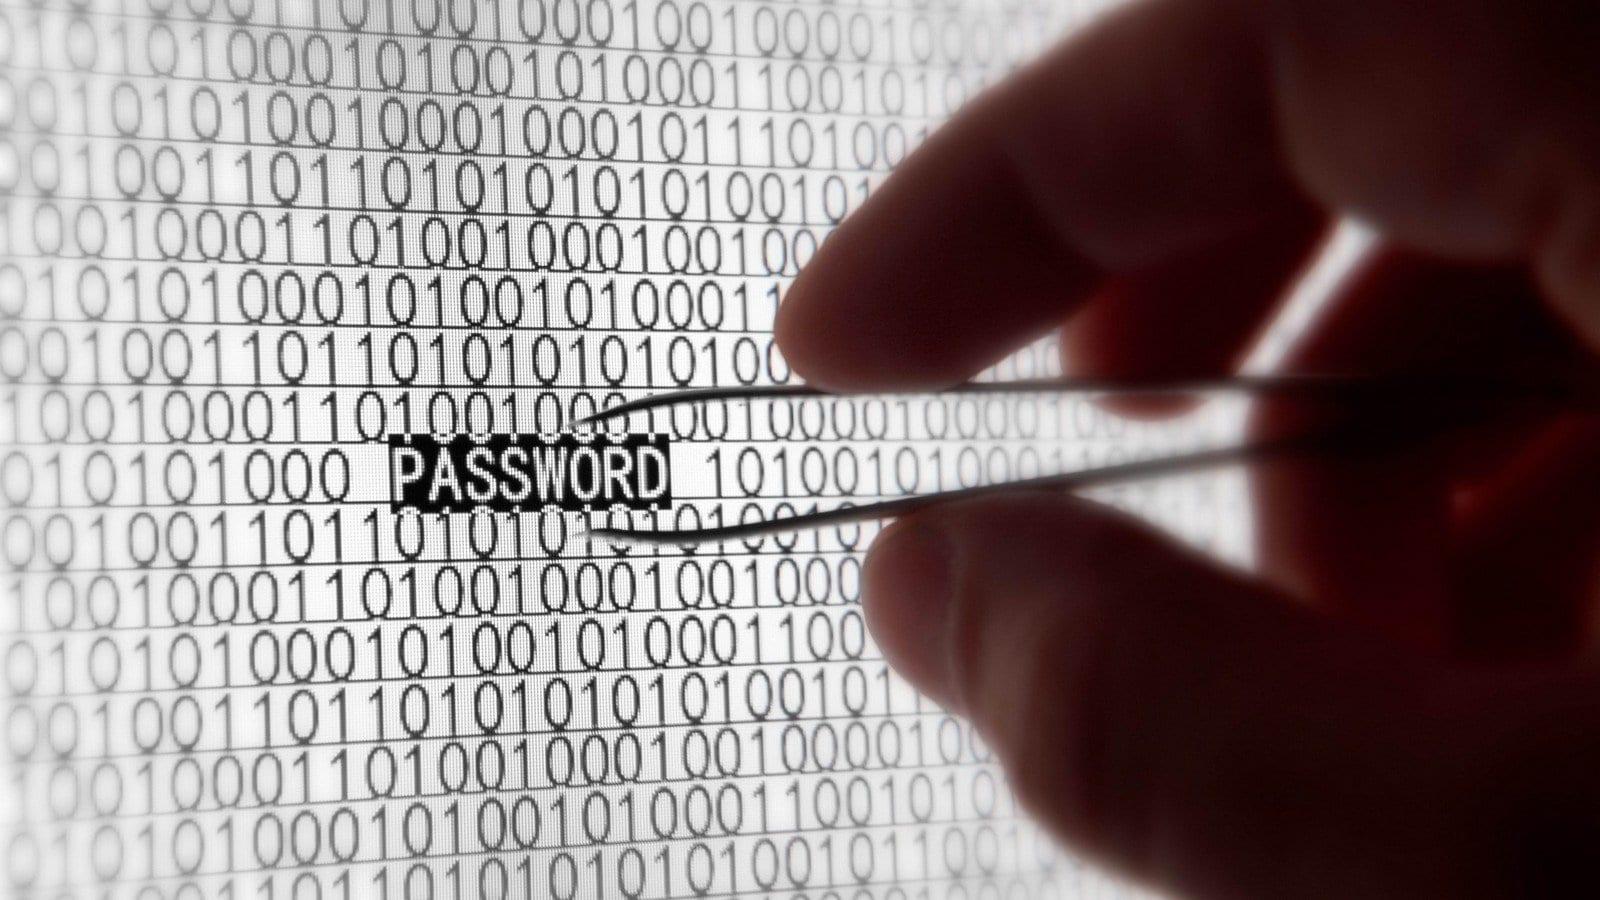 Как взламывают пароли и как защититься от взлома